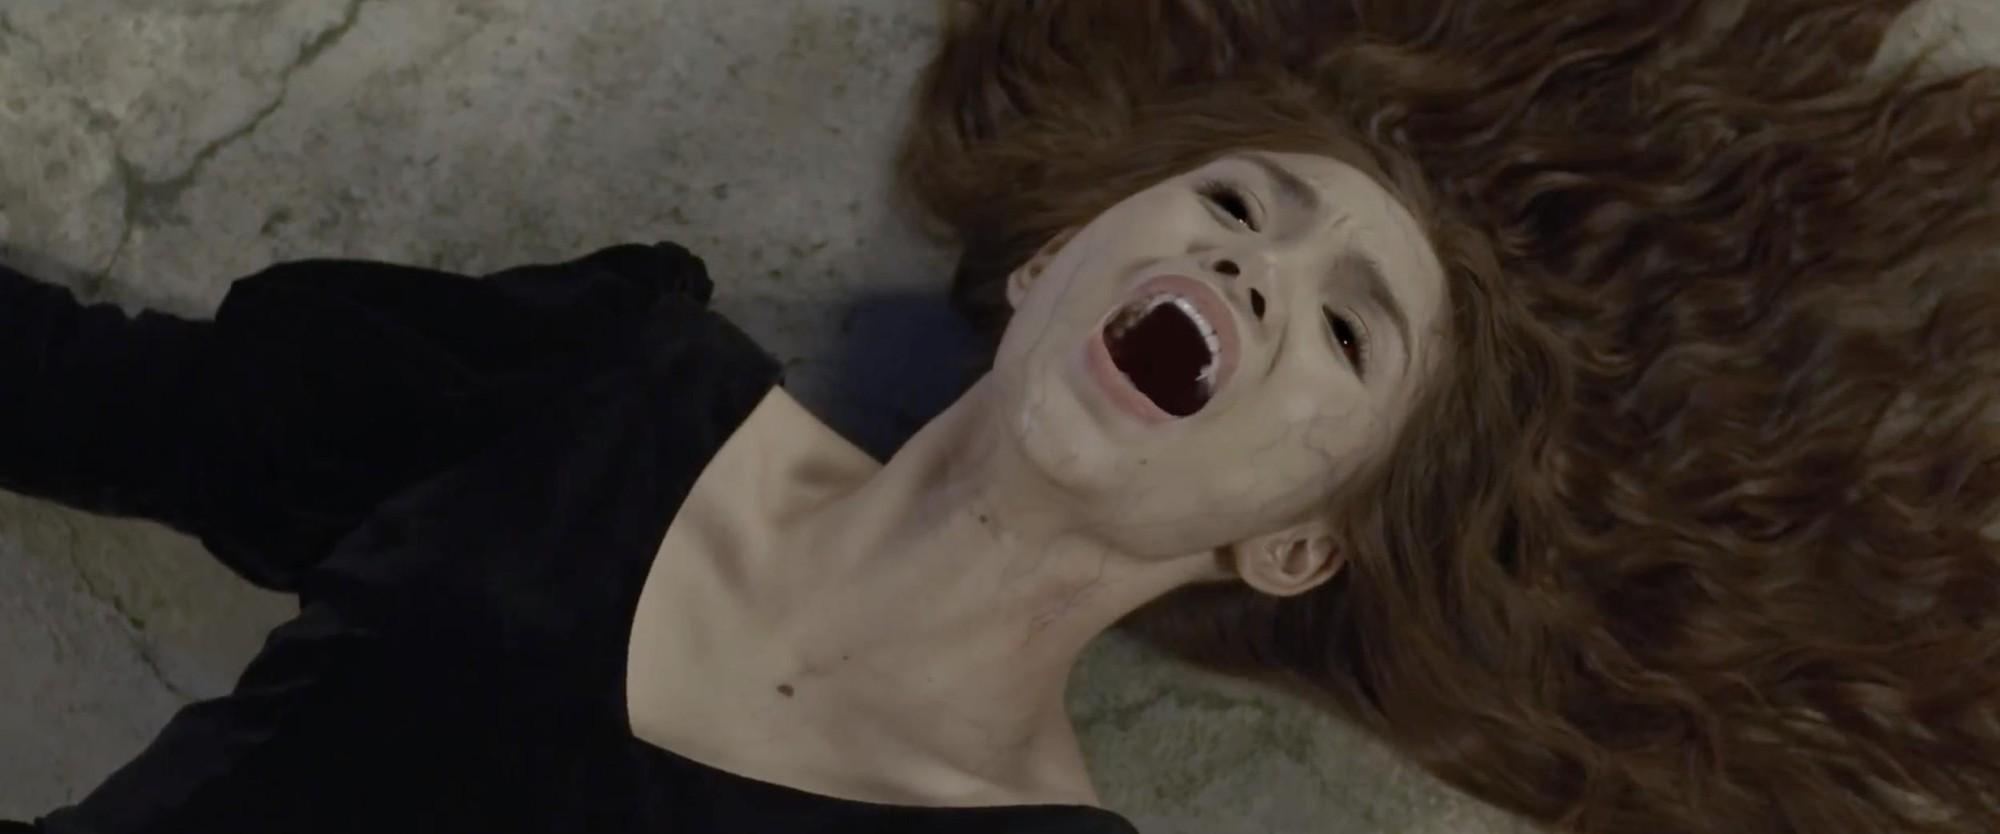 """Tưởng phim """"cung đấu lai Next Top Model, ai mà ngờ Cậu Chủ Ma Cà Rồng lại kịch tính đến thế này! - Ảnh 4."""